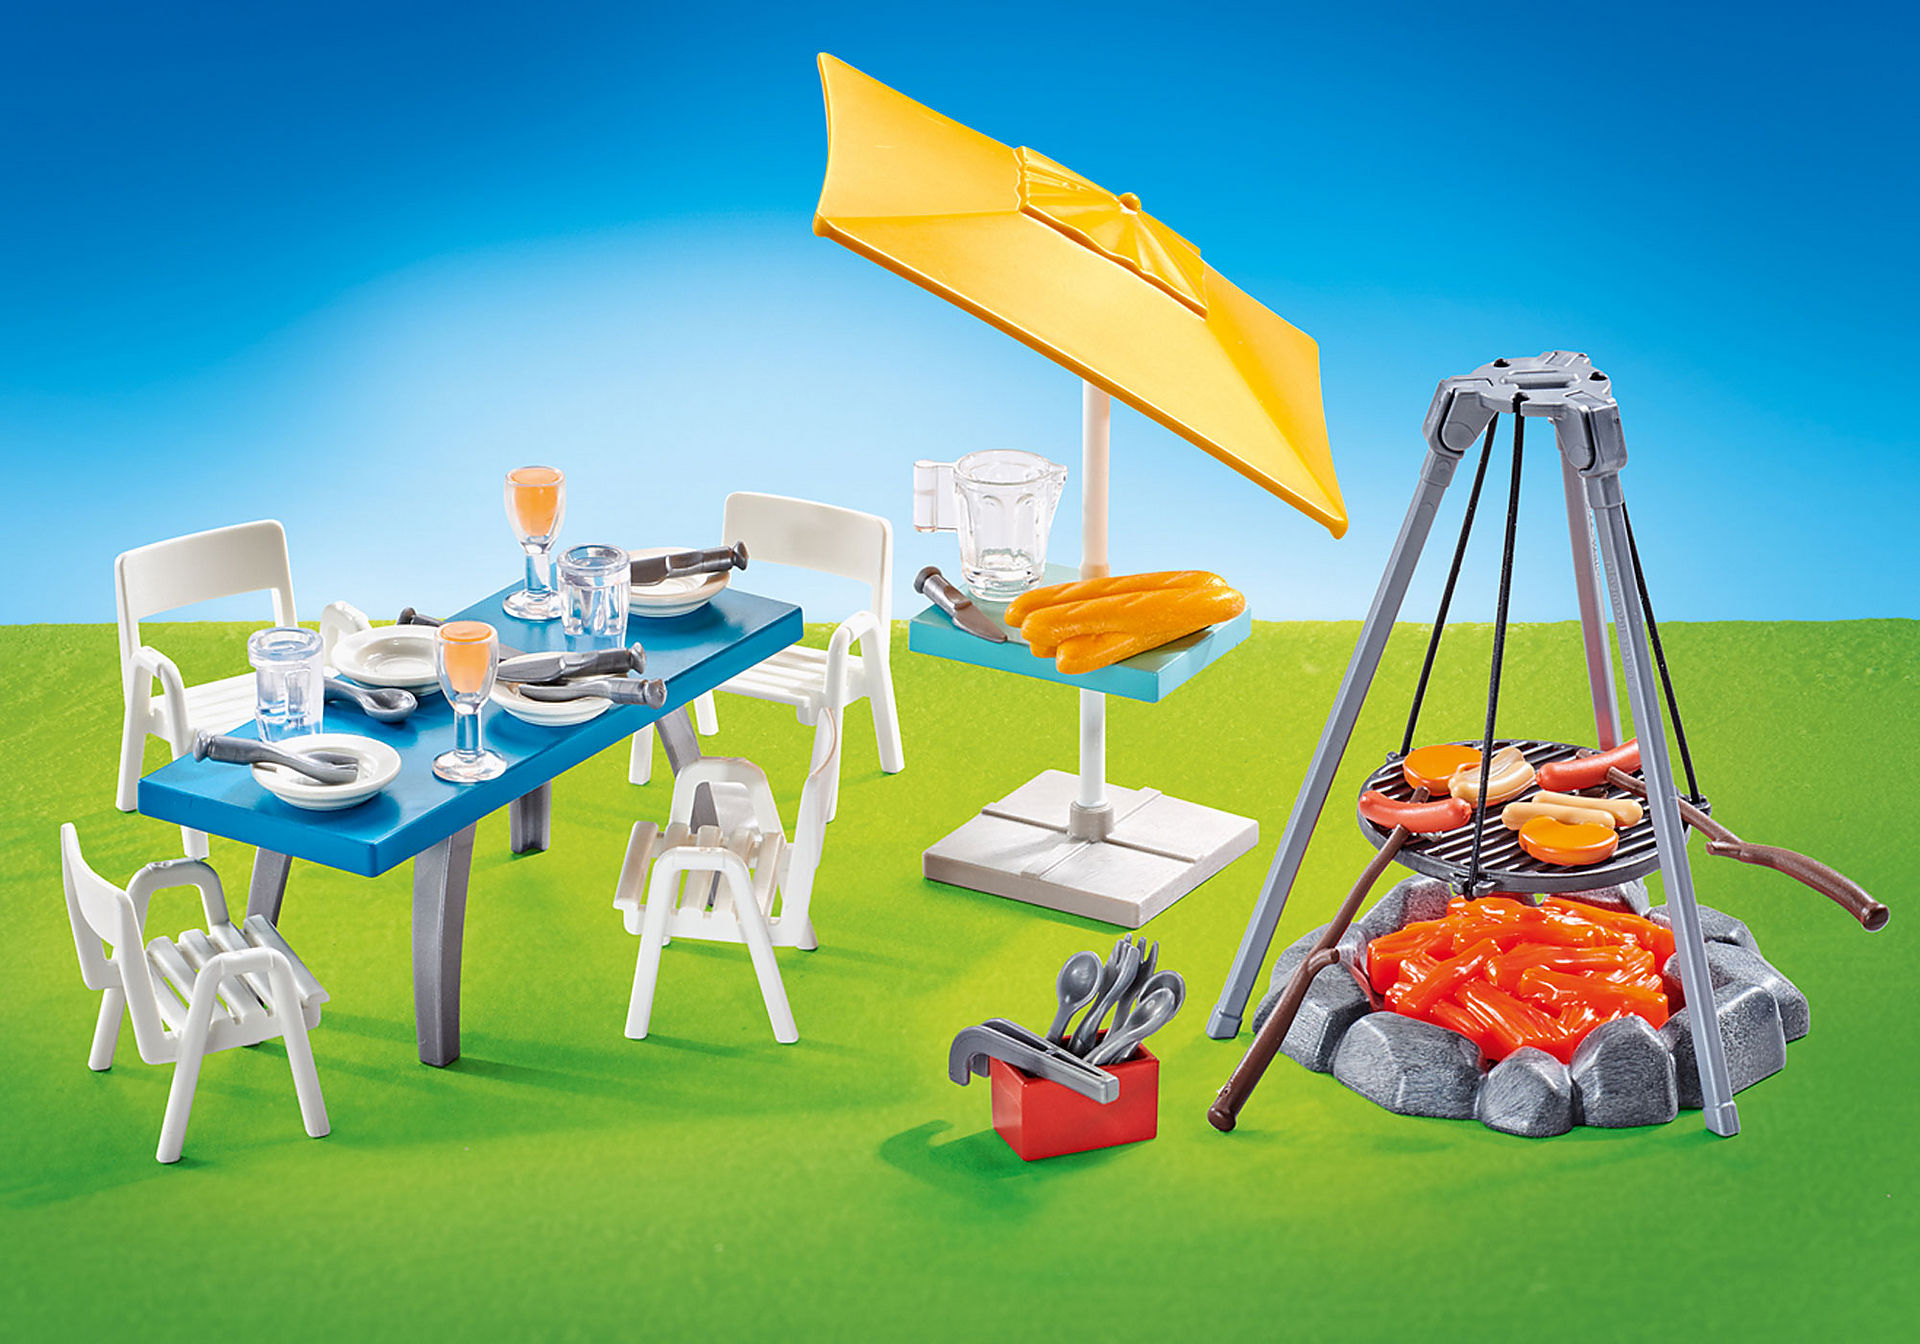 9818 Churrasqueira com mesa, cadeiras e chapéu de sol  zoom image1